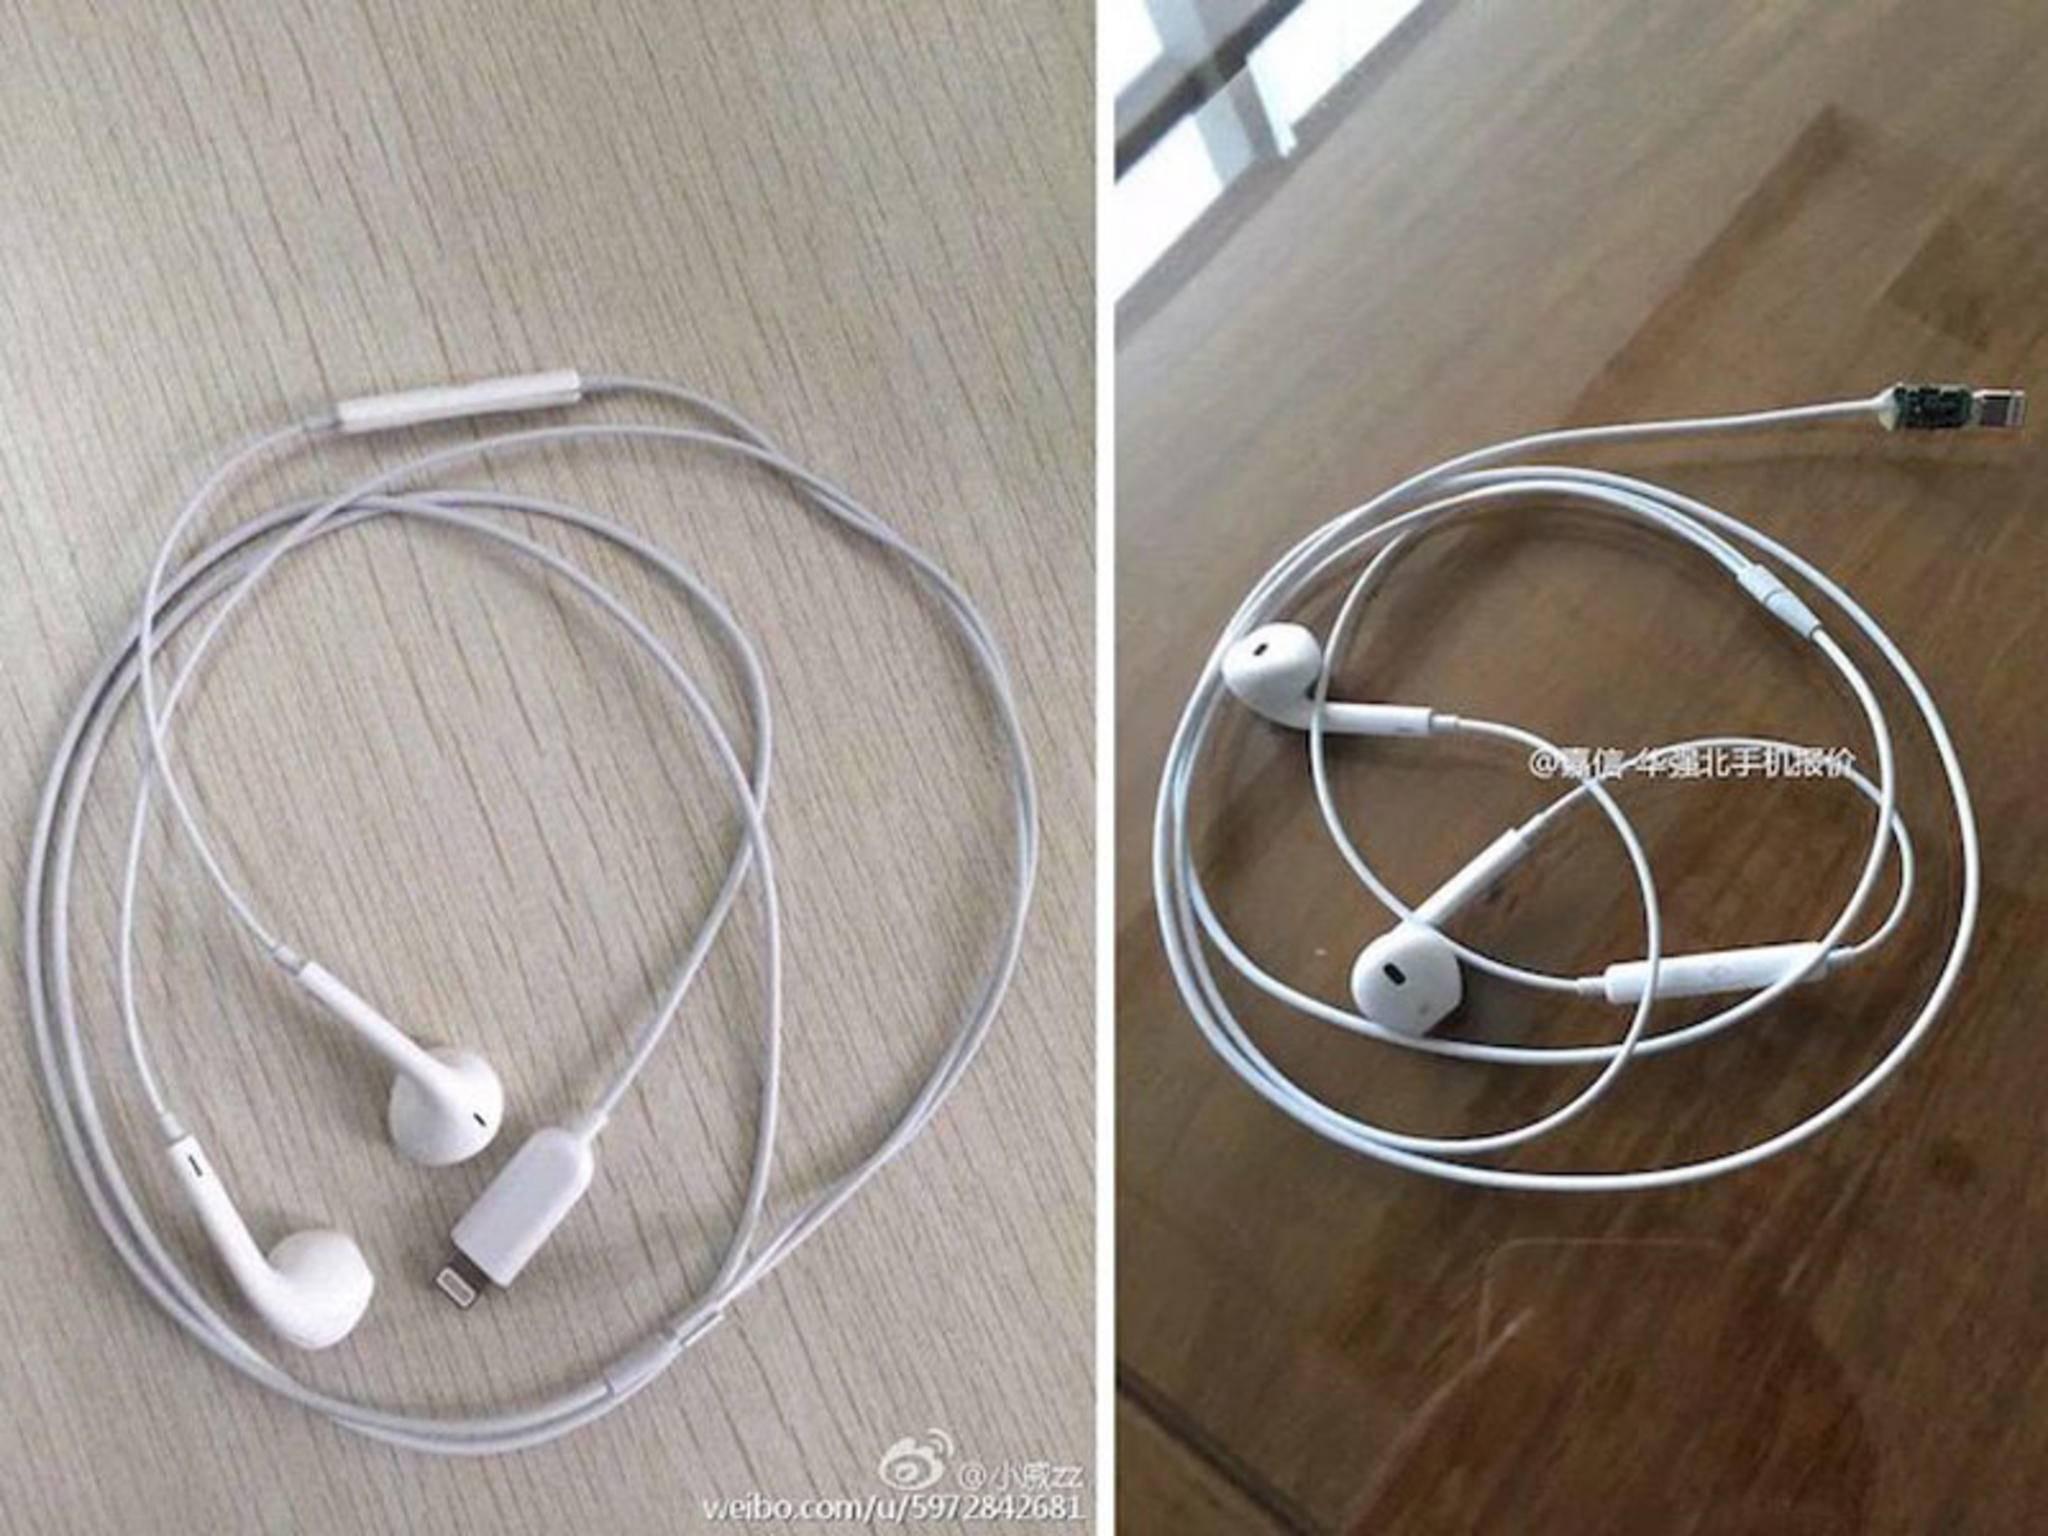 Sind das die neuen EarPods mit Lightning-Anschluss?